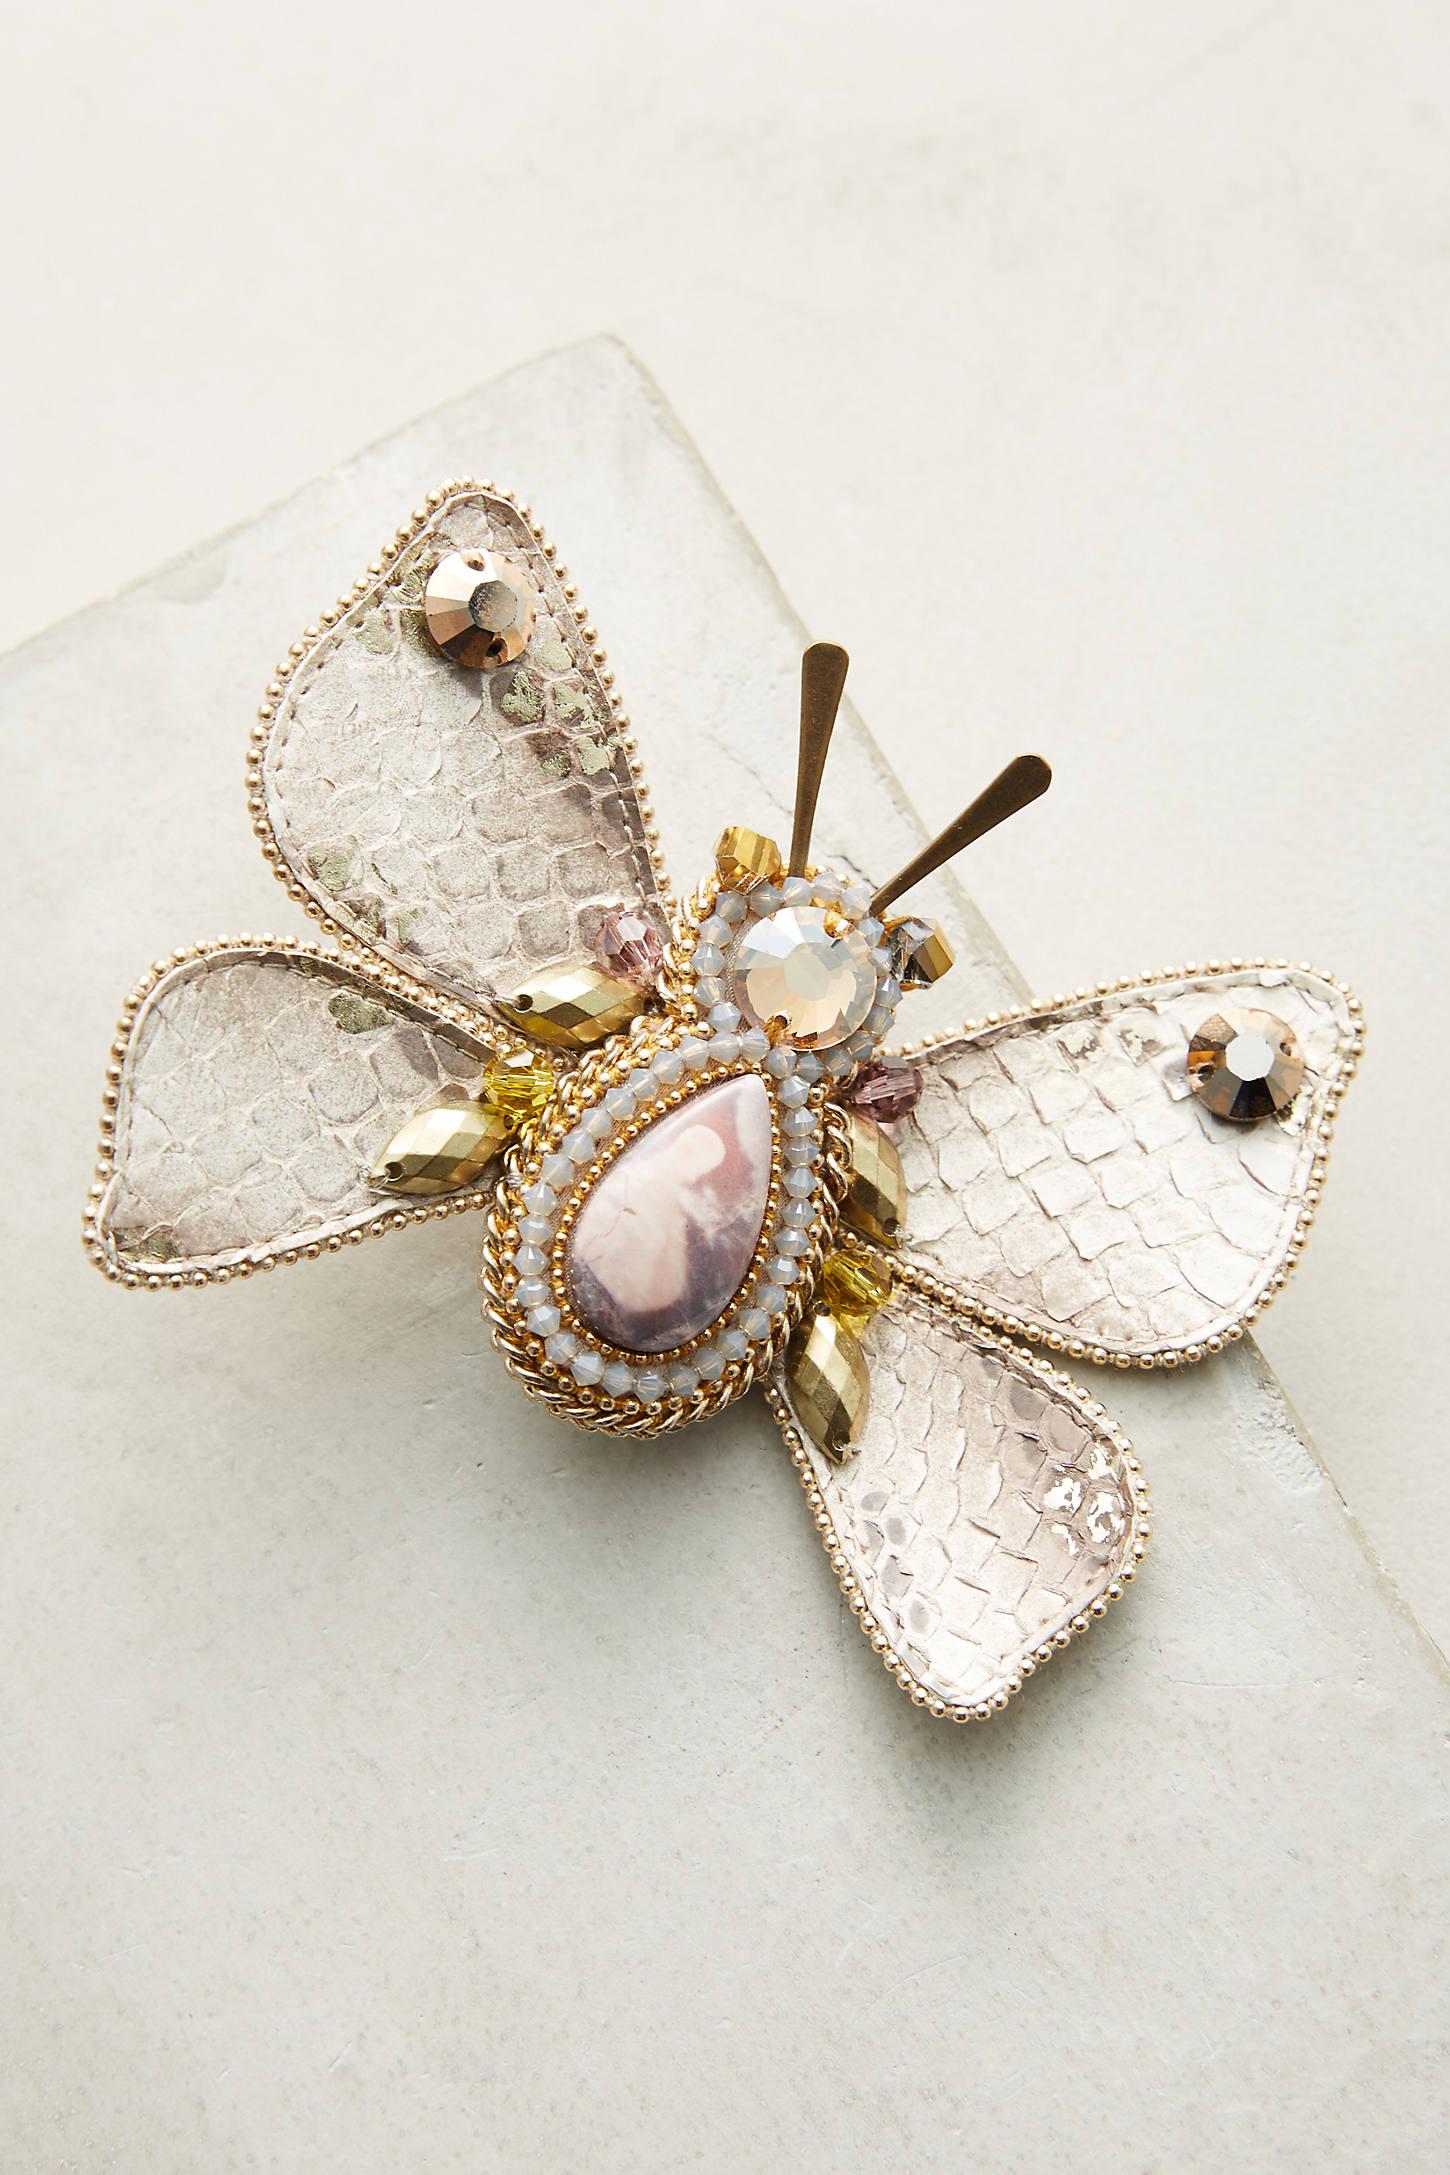 Papillon Brooch